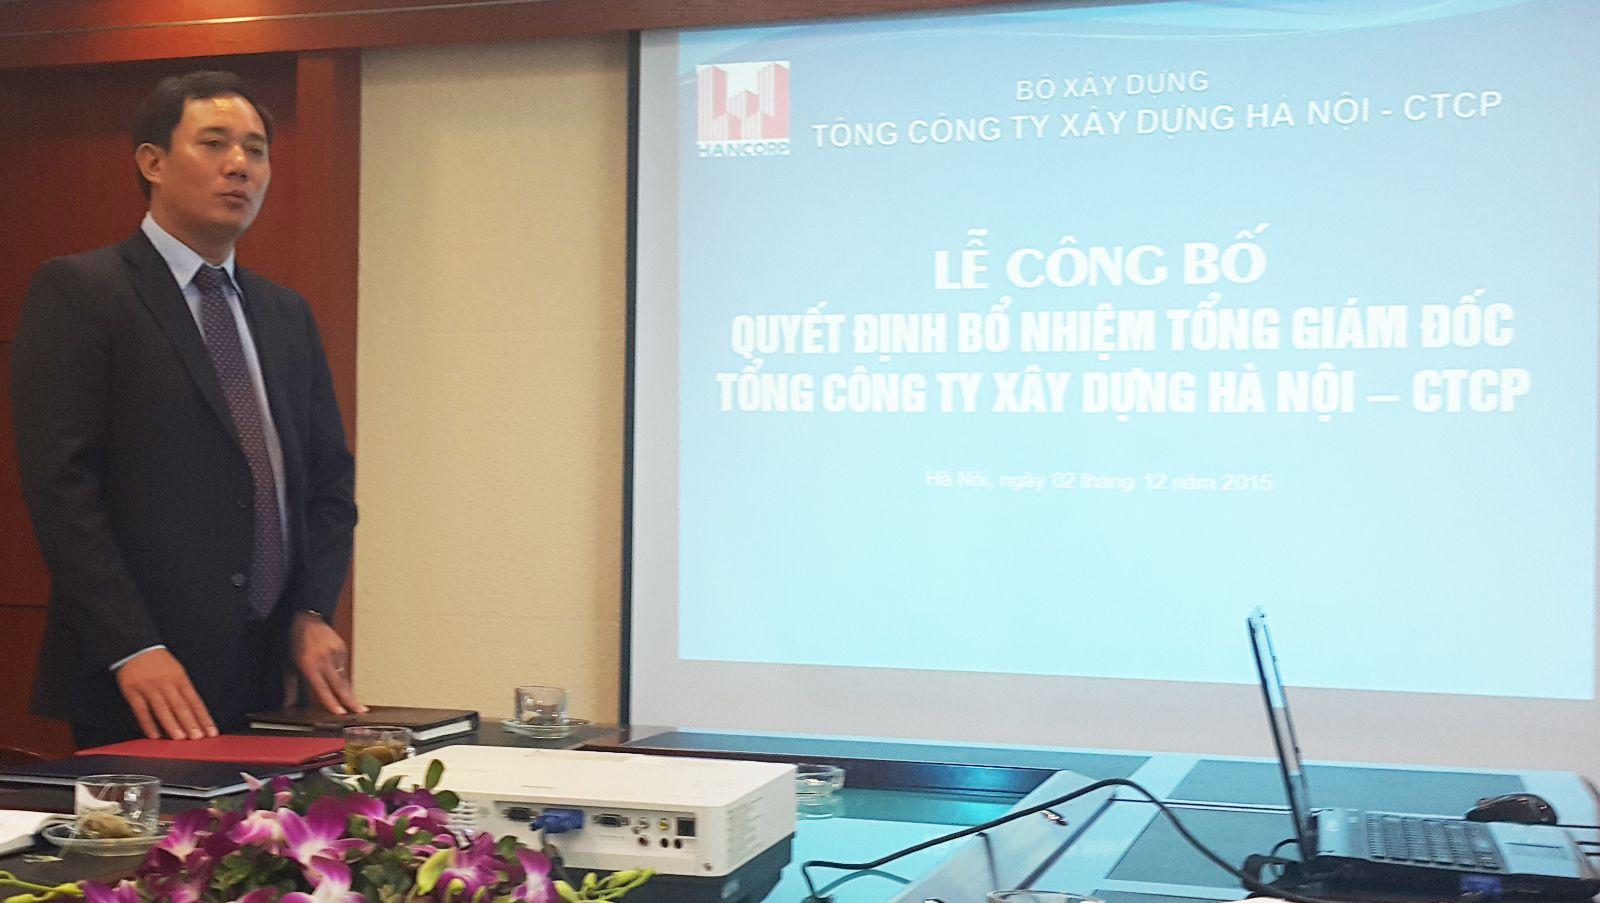 Ông Đậu Văn Diện - Tân Tổng giám đốc Tổng công ty phát biểu tại buổi lễ